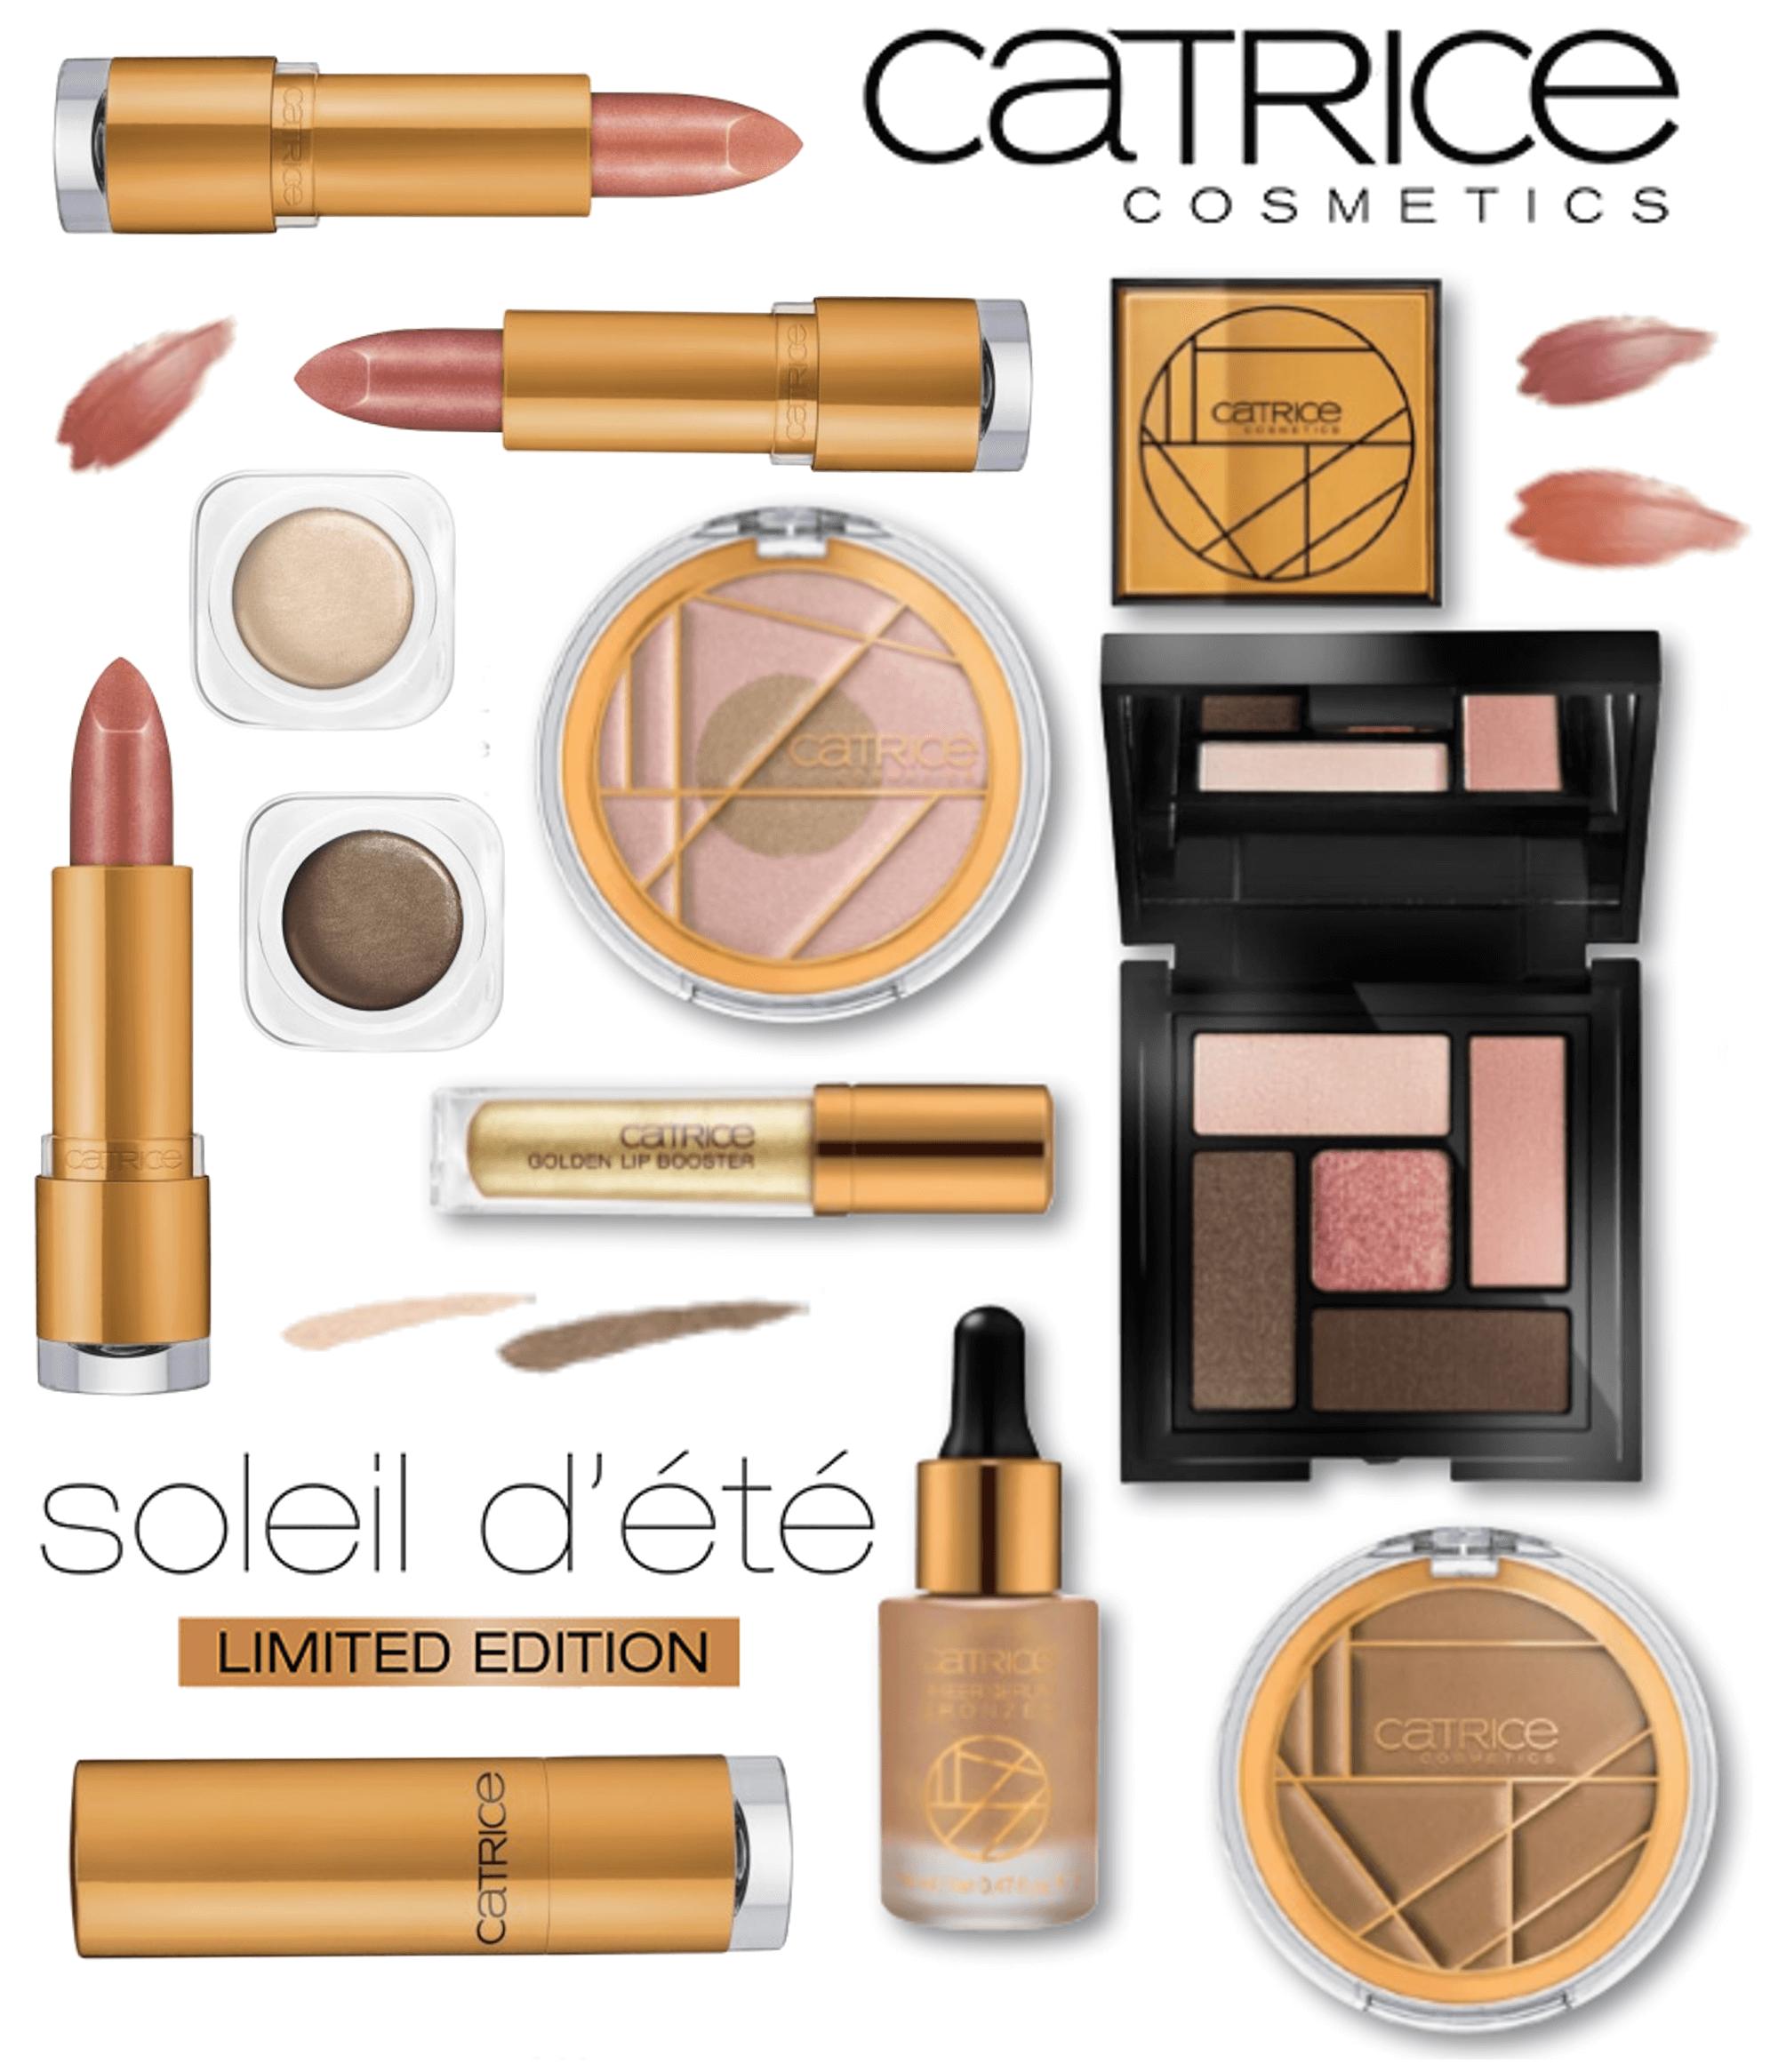 soleil d'été | Catrice Limited Edition | Kosmetik ...